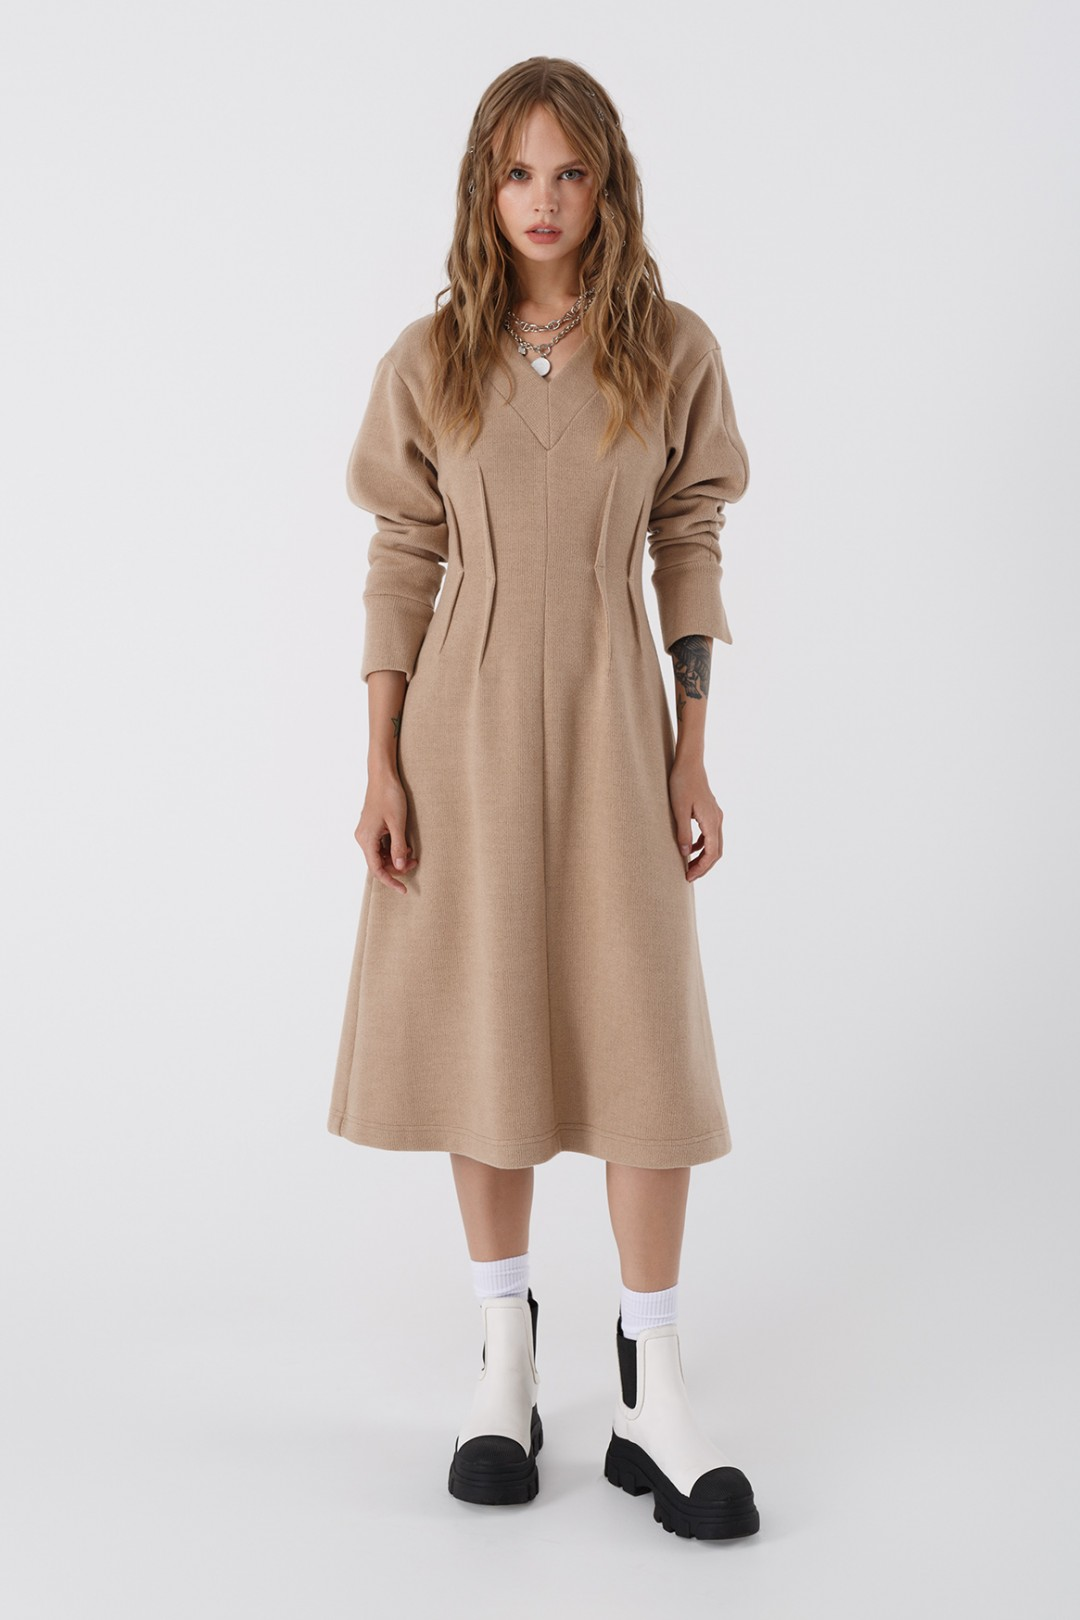 Платье Pirs 3442 бежевый